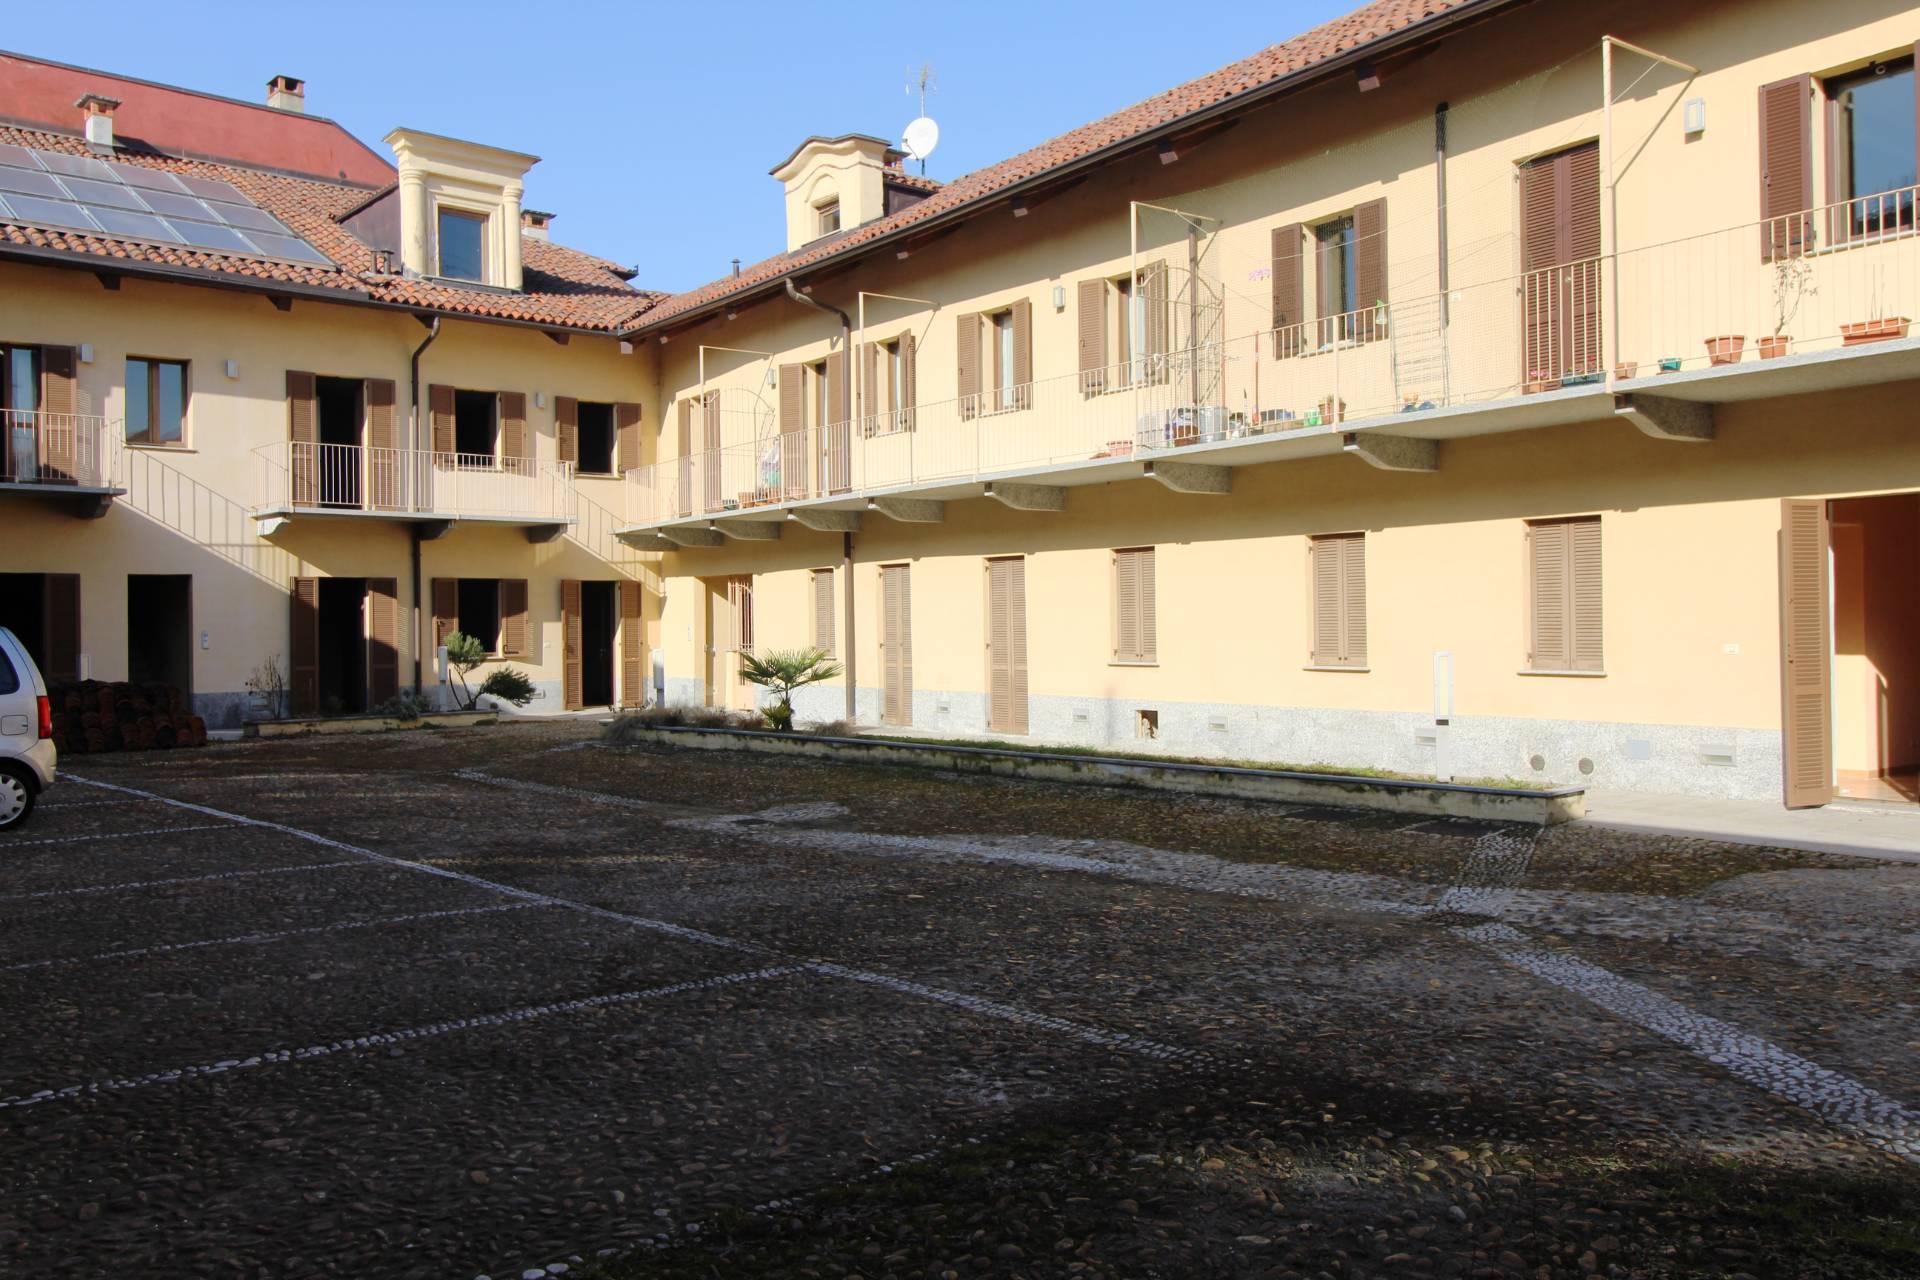 Appartamento in vendita a Venaria Reale, 2 locali, zona Località: CentroStorico, prezzo € 110.000 | CambioCasa.it